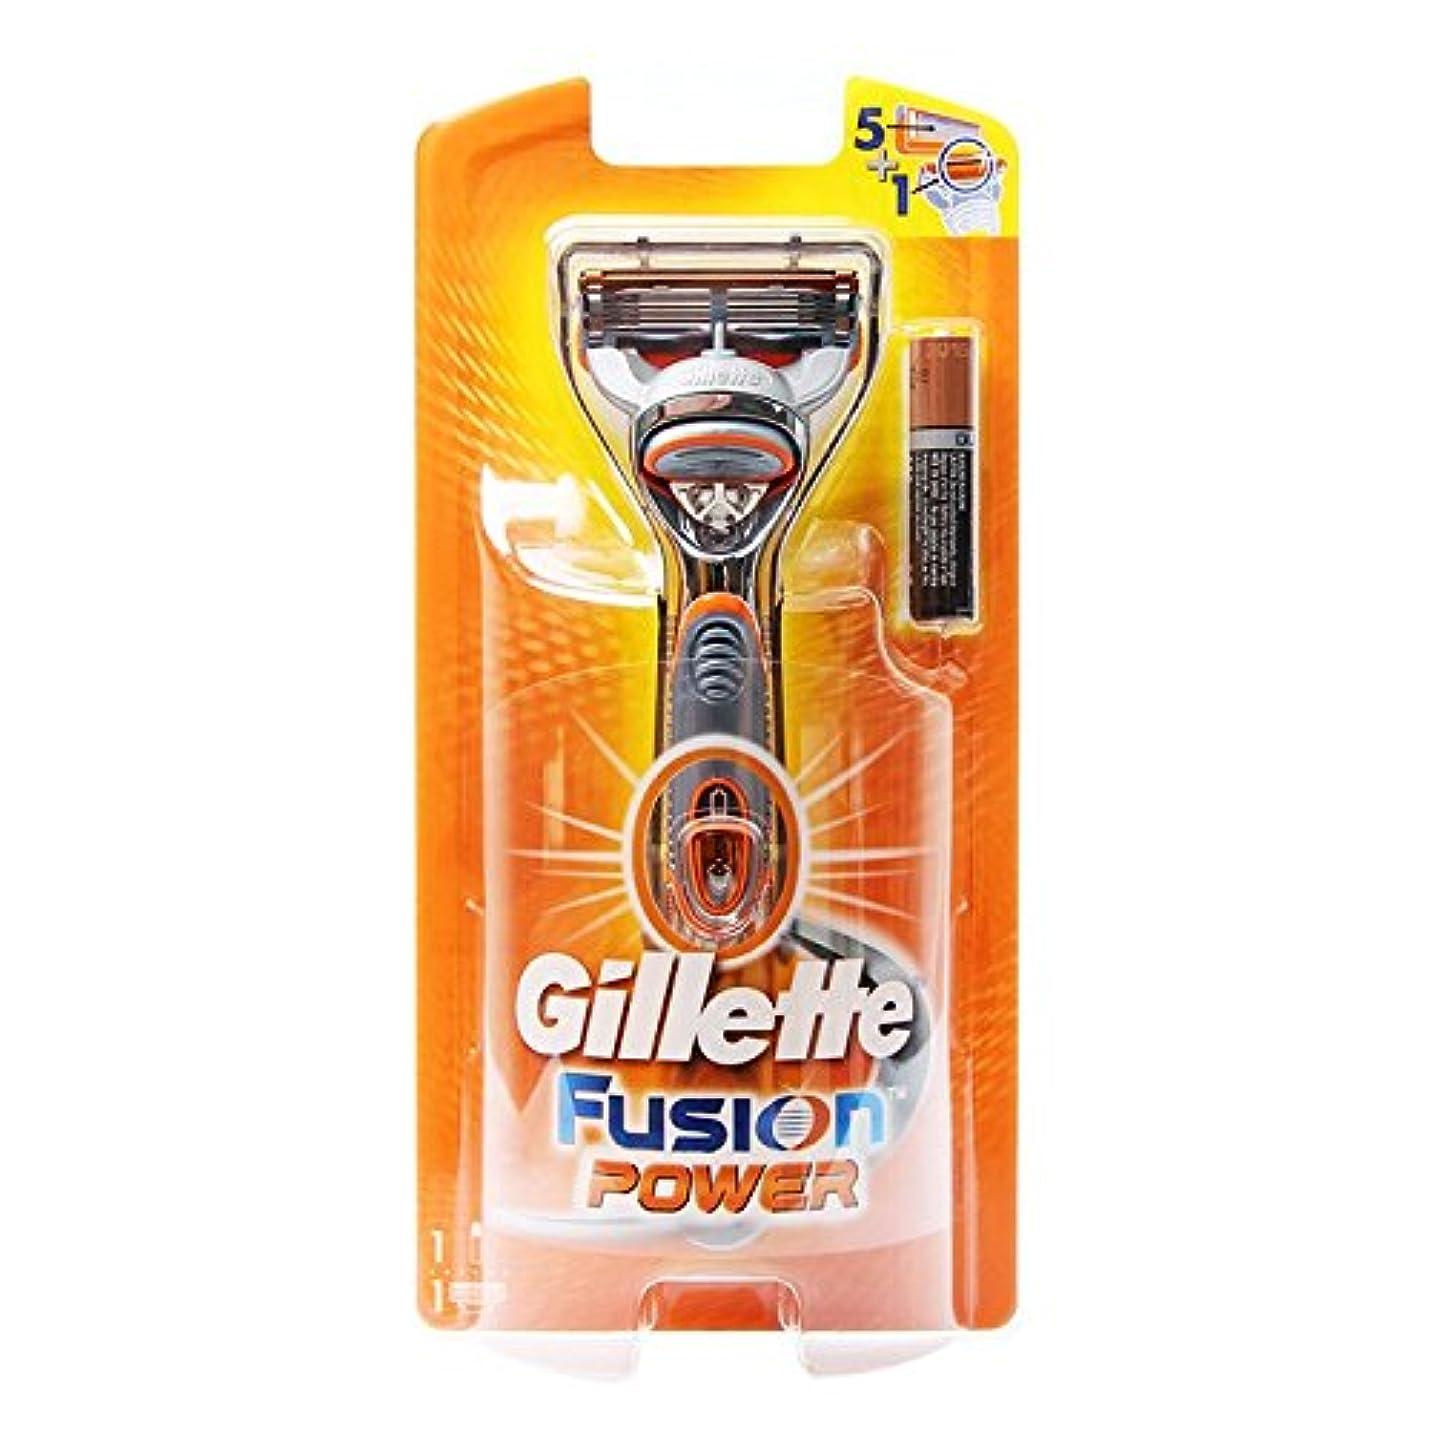 親愛な誇大妄想究極のGillette Fusion power 1 かみそり [並行輸入品]